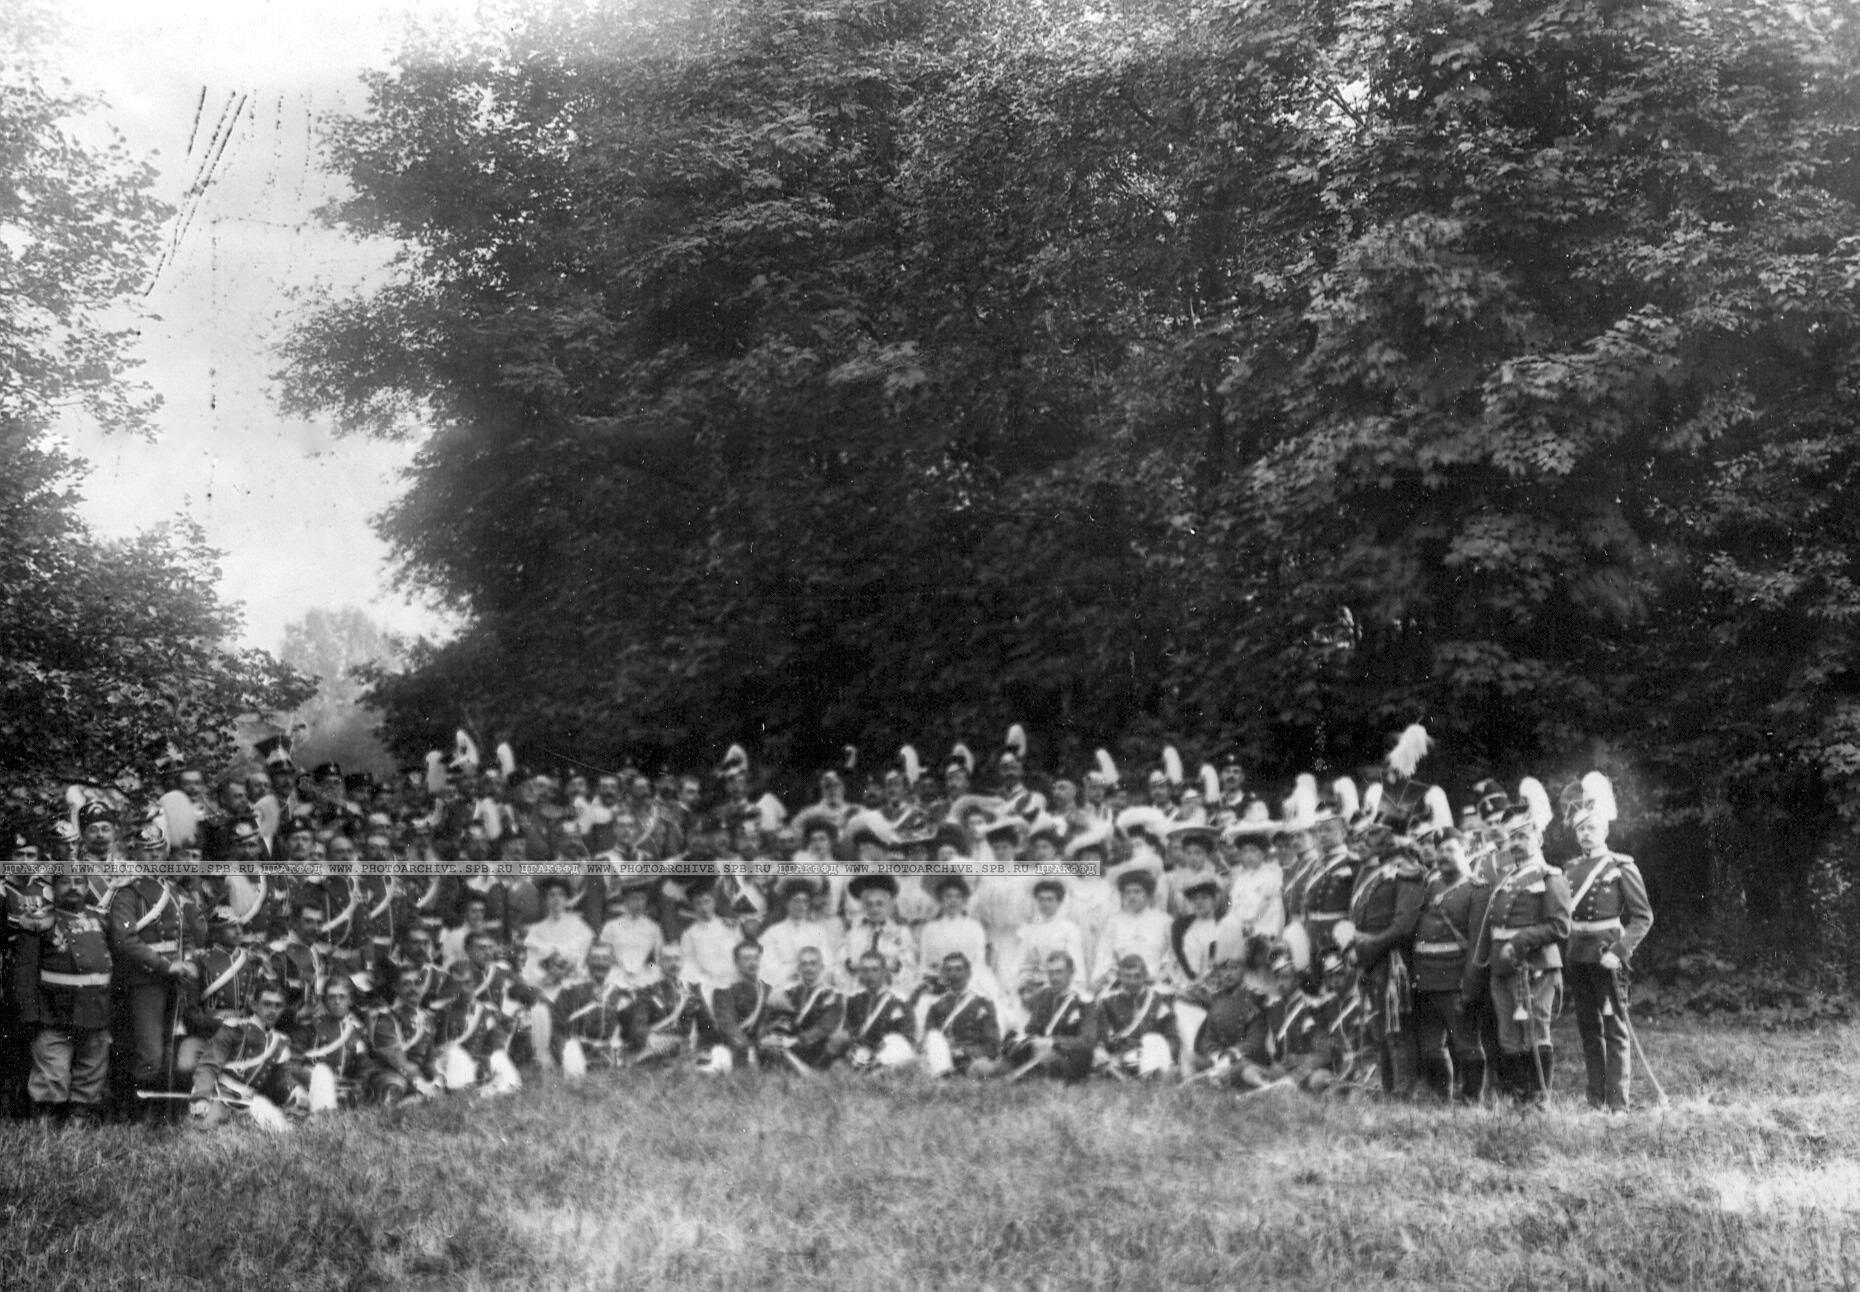 Император Николай II c группой офицеров и полковых дам в день празднования 250-летнего юбилея полка